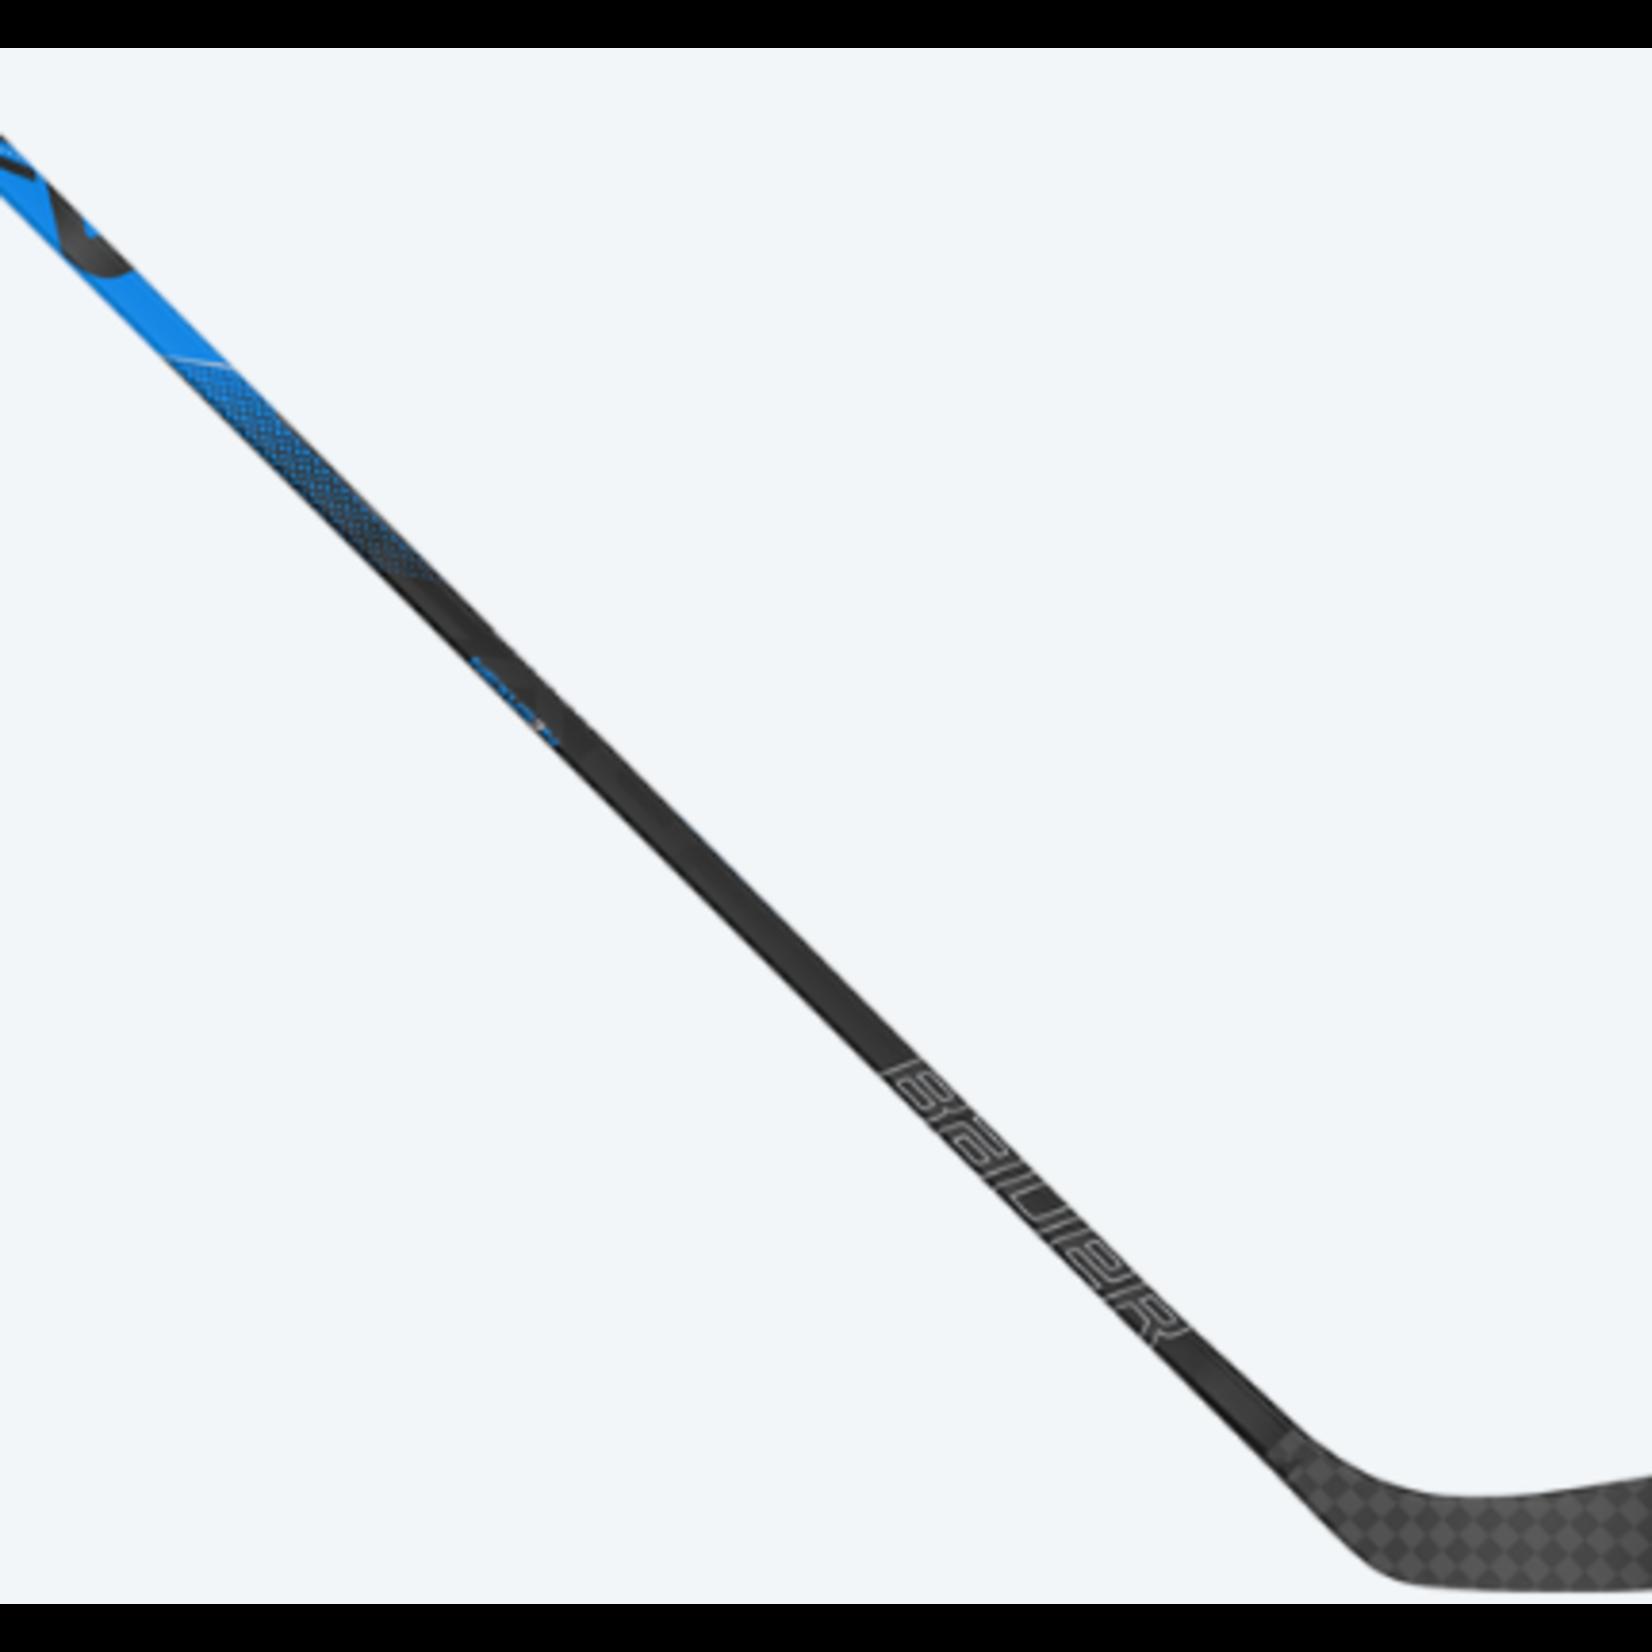 Bauer S21 Nexus 3N Grip Stick Sr - 87